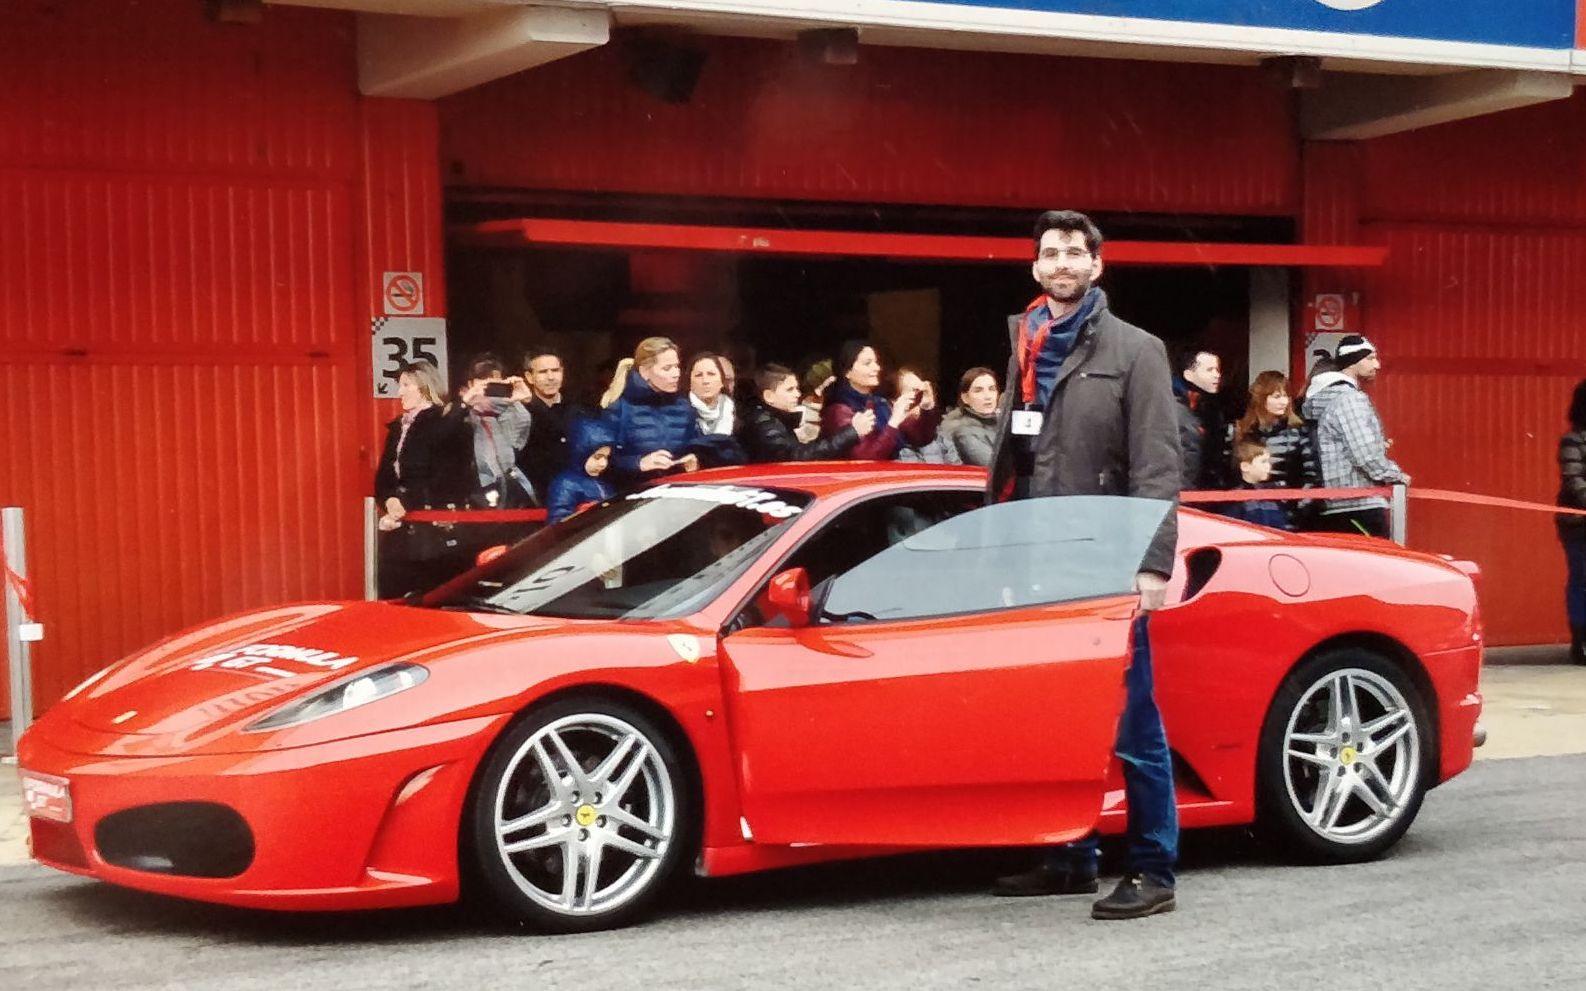 David también se ha subido a un Ferrari, aunque ahora sea más de Tesla.